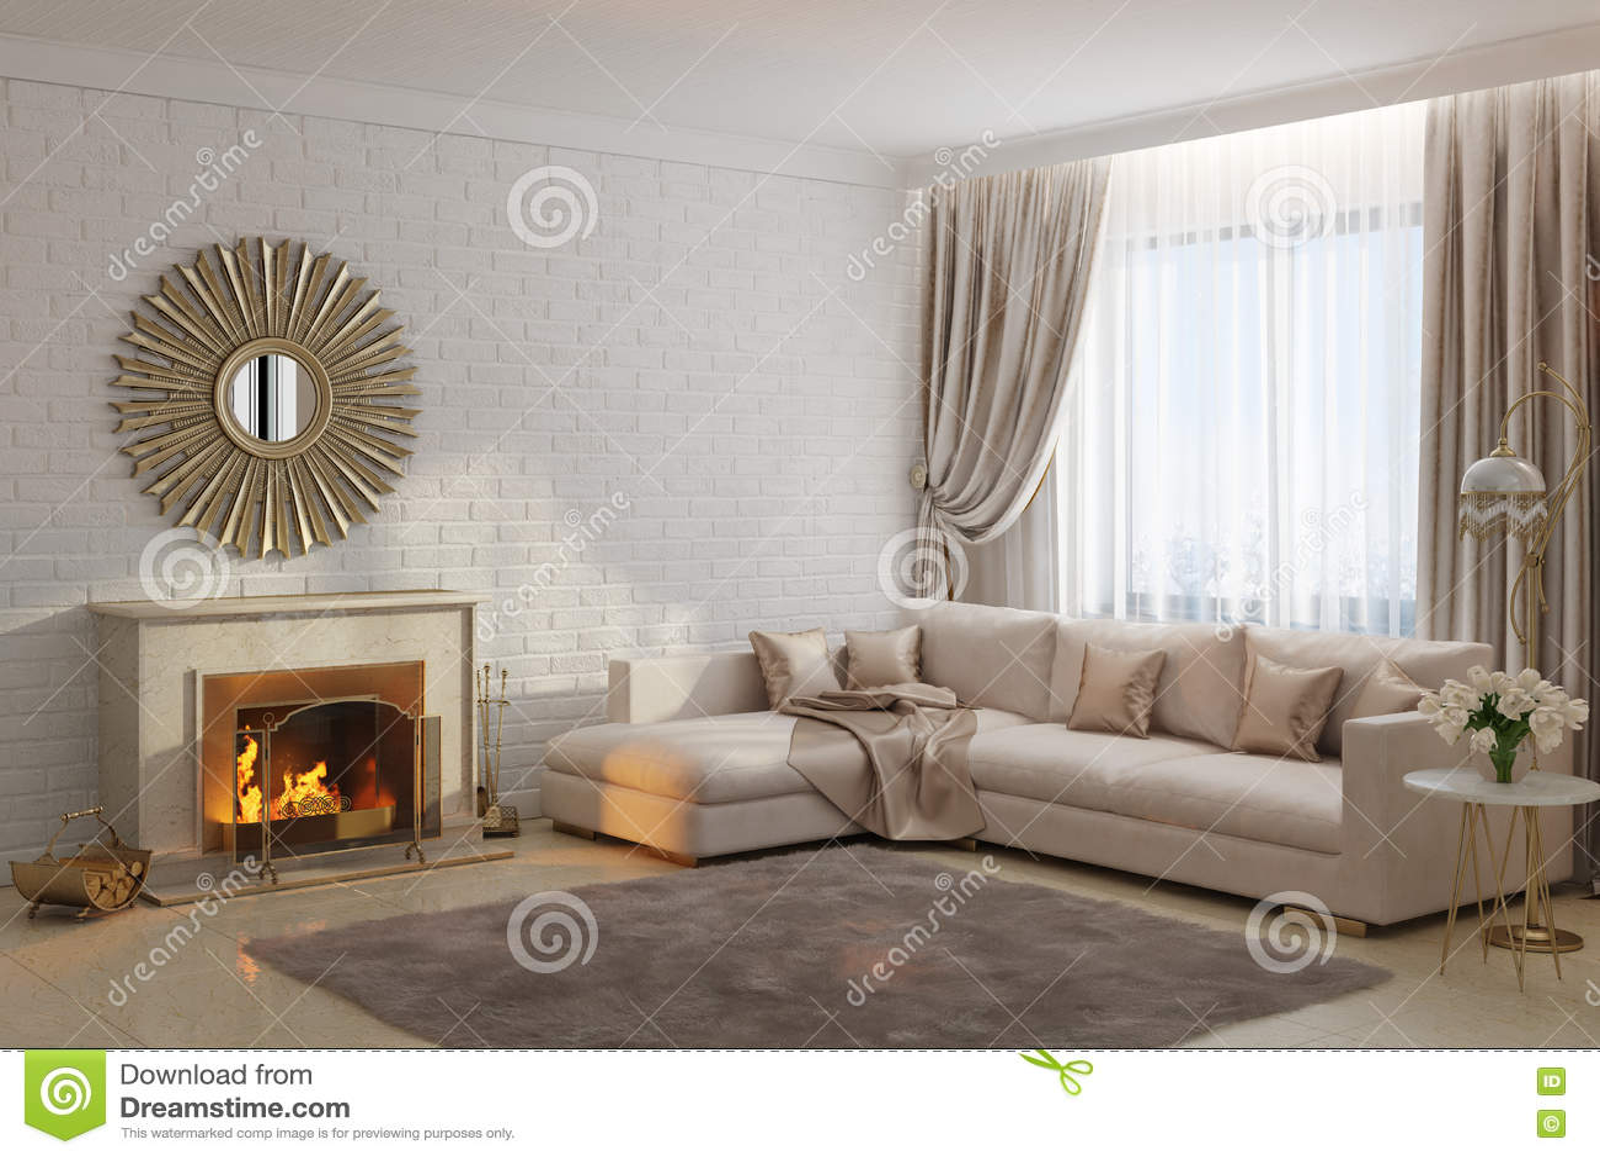 https://thumbs.dreamstime.com/z/heldere-en-comfortabele-woonkamer-met-open-haard-en-spiegel-78038115.jpg